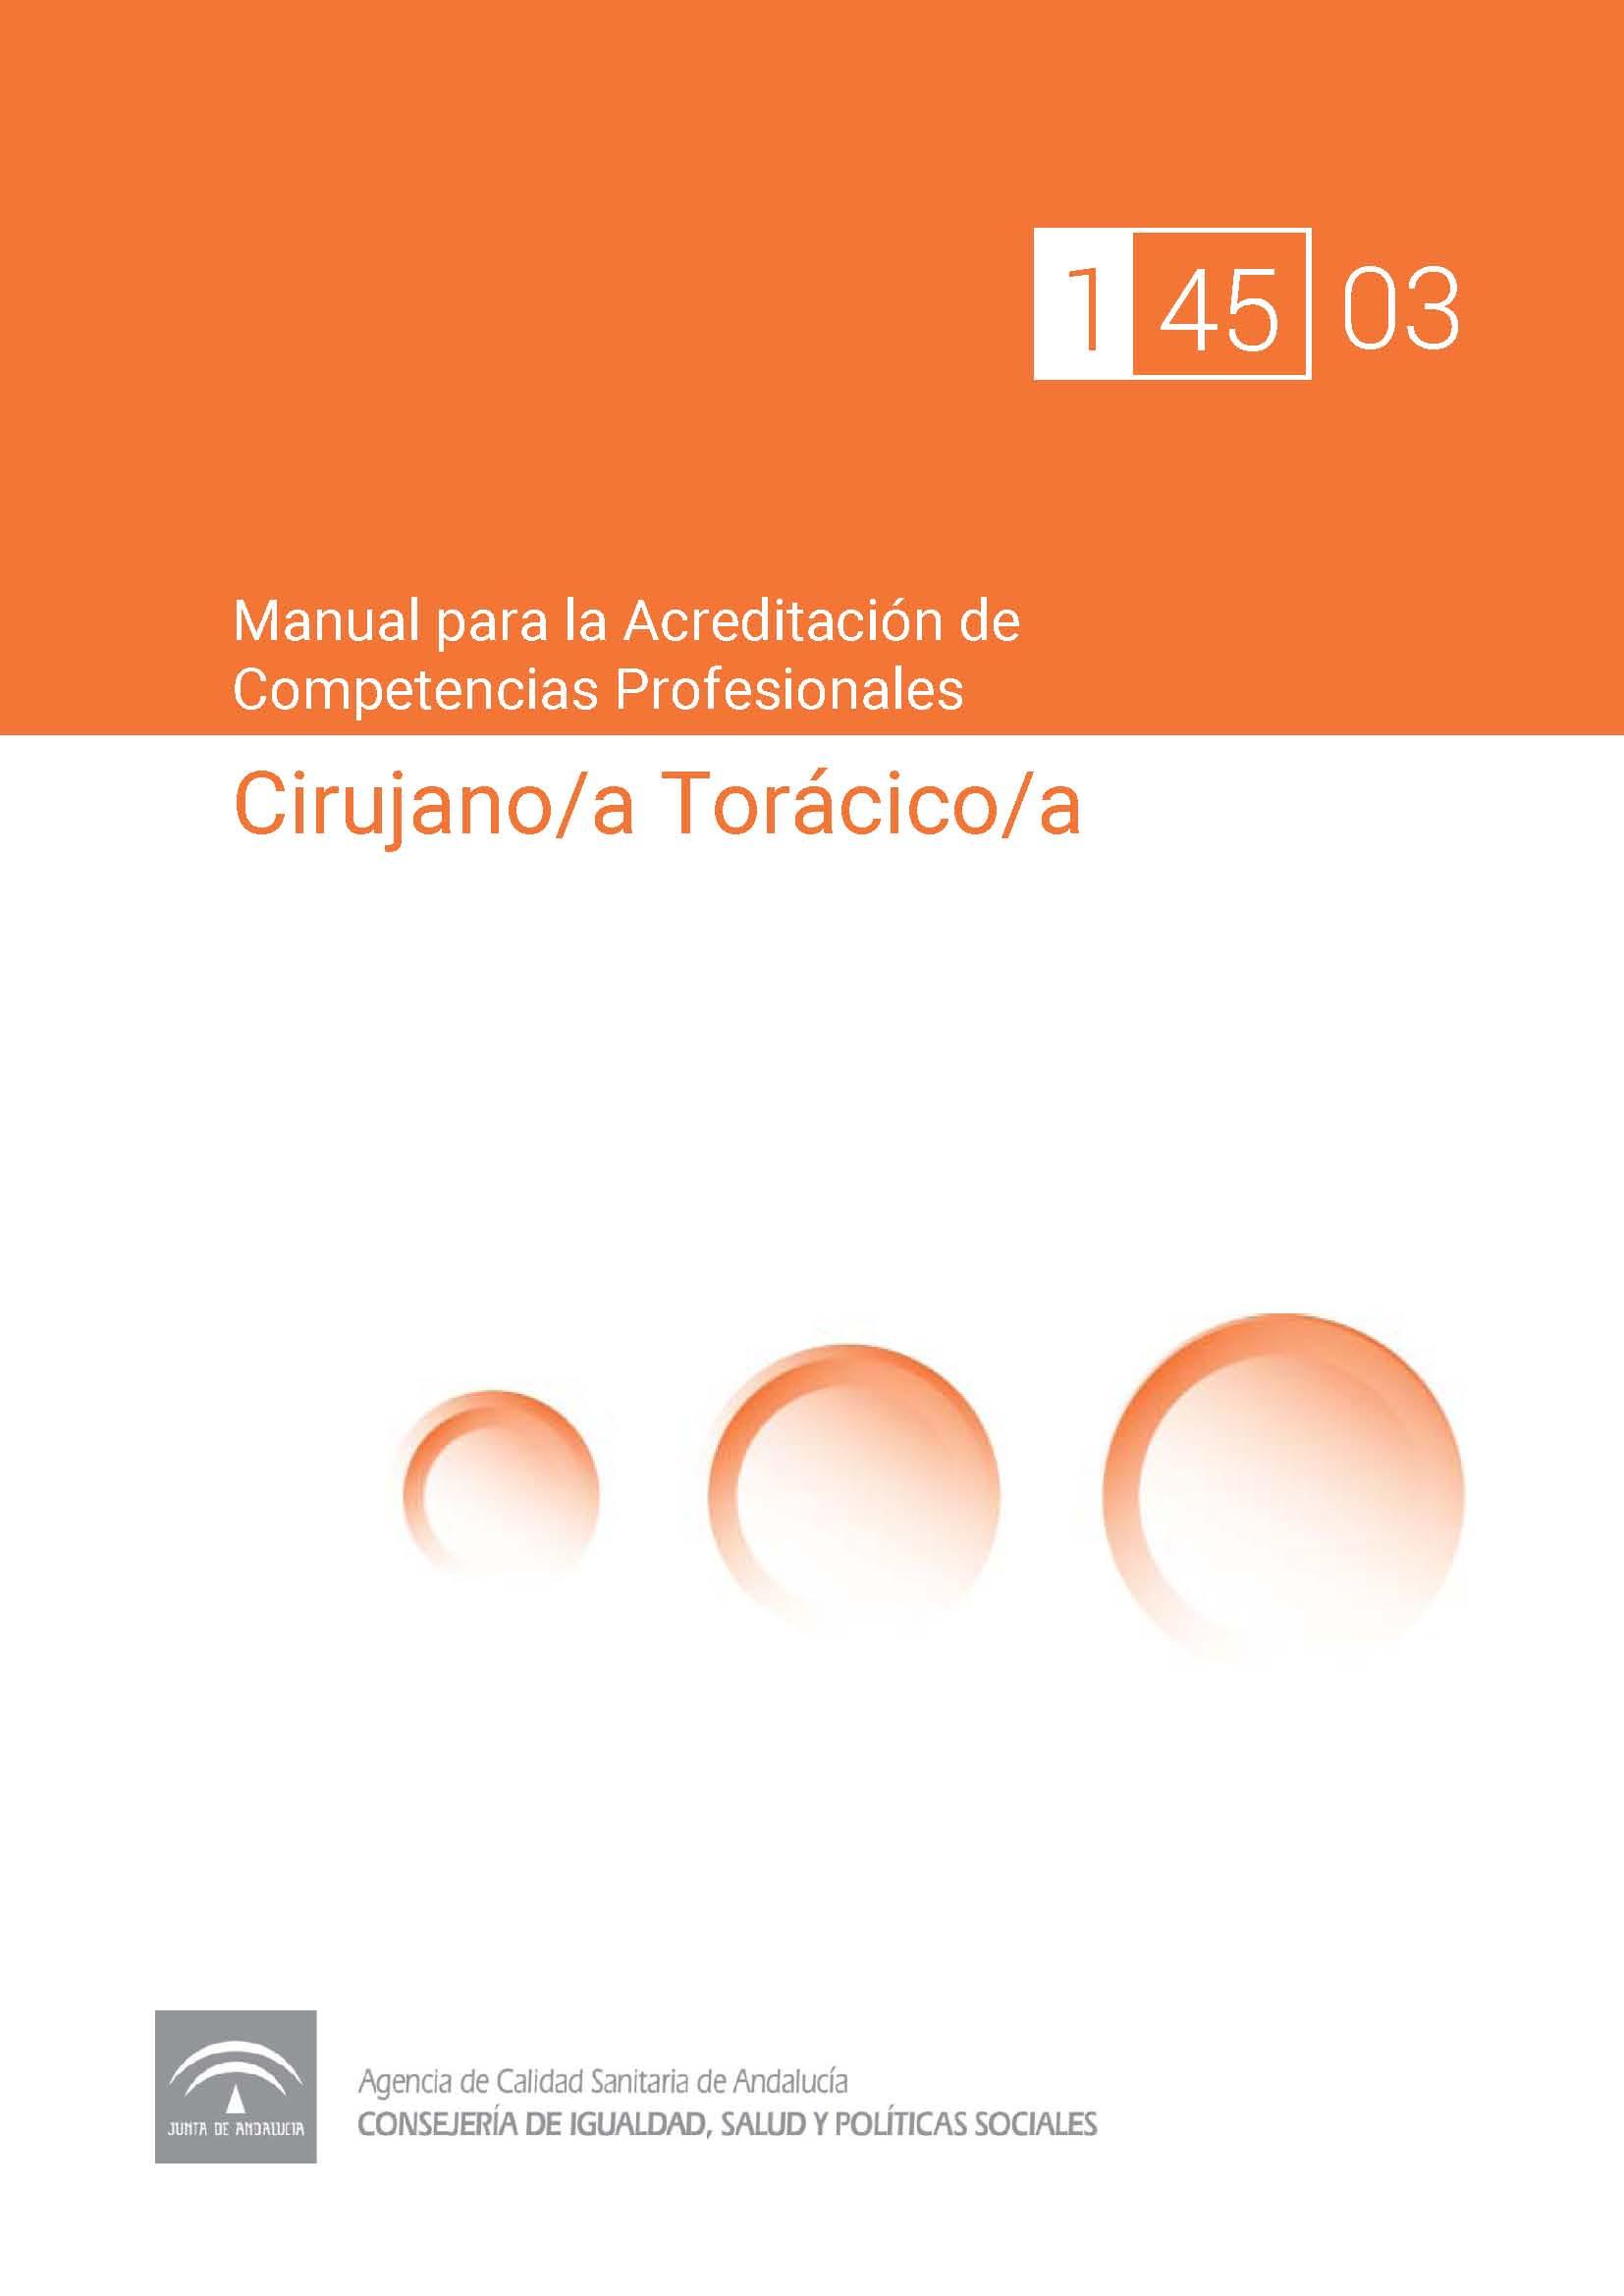 Manual de competencias profesionales del/de la Cirujano/a Torácico/a